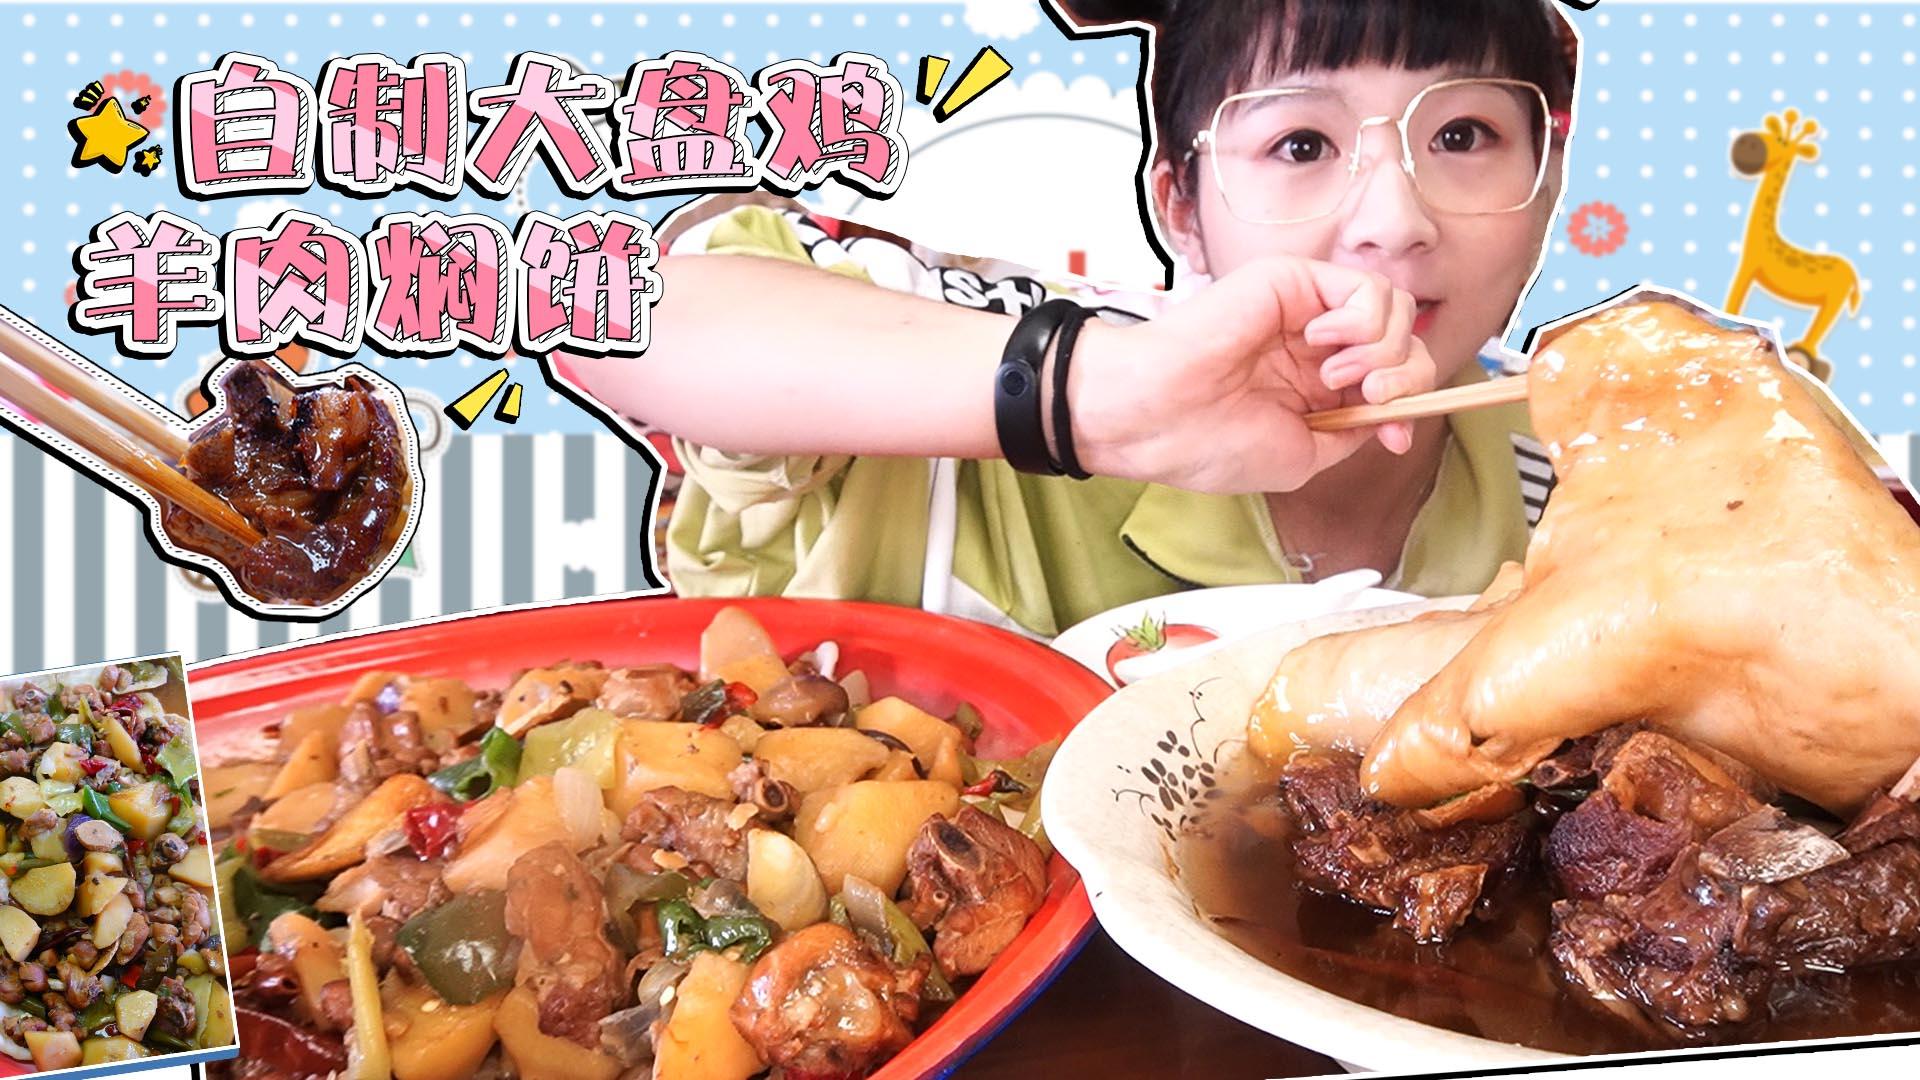 【小猪猪的vlog】自制大盘鸡羊肉焖饼,自制饼和面配肉汤太美妙!